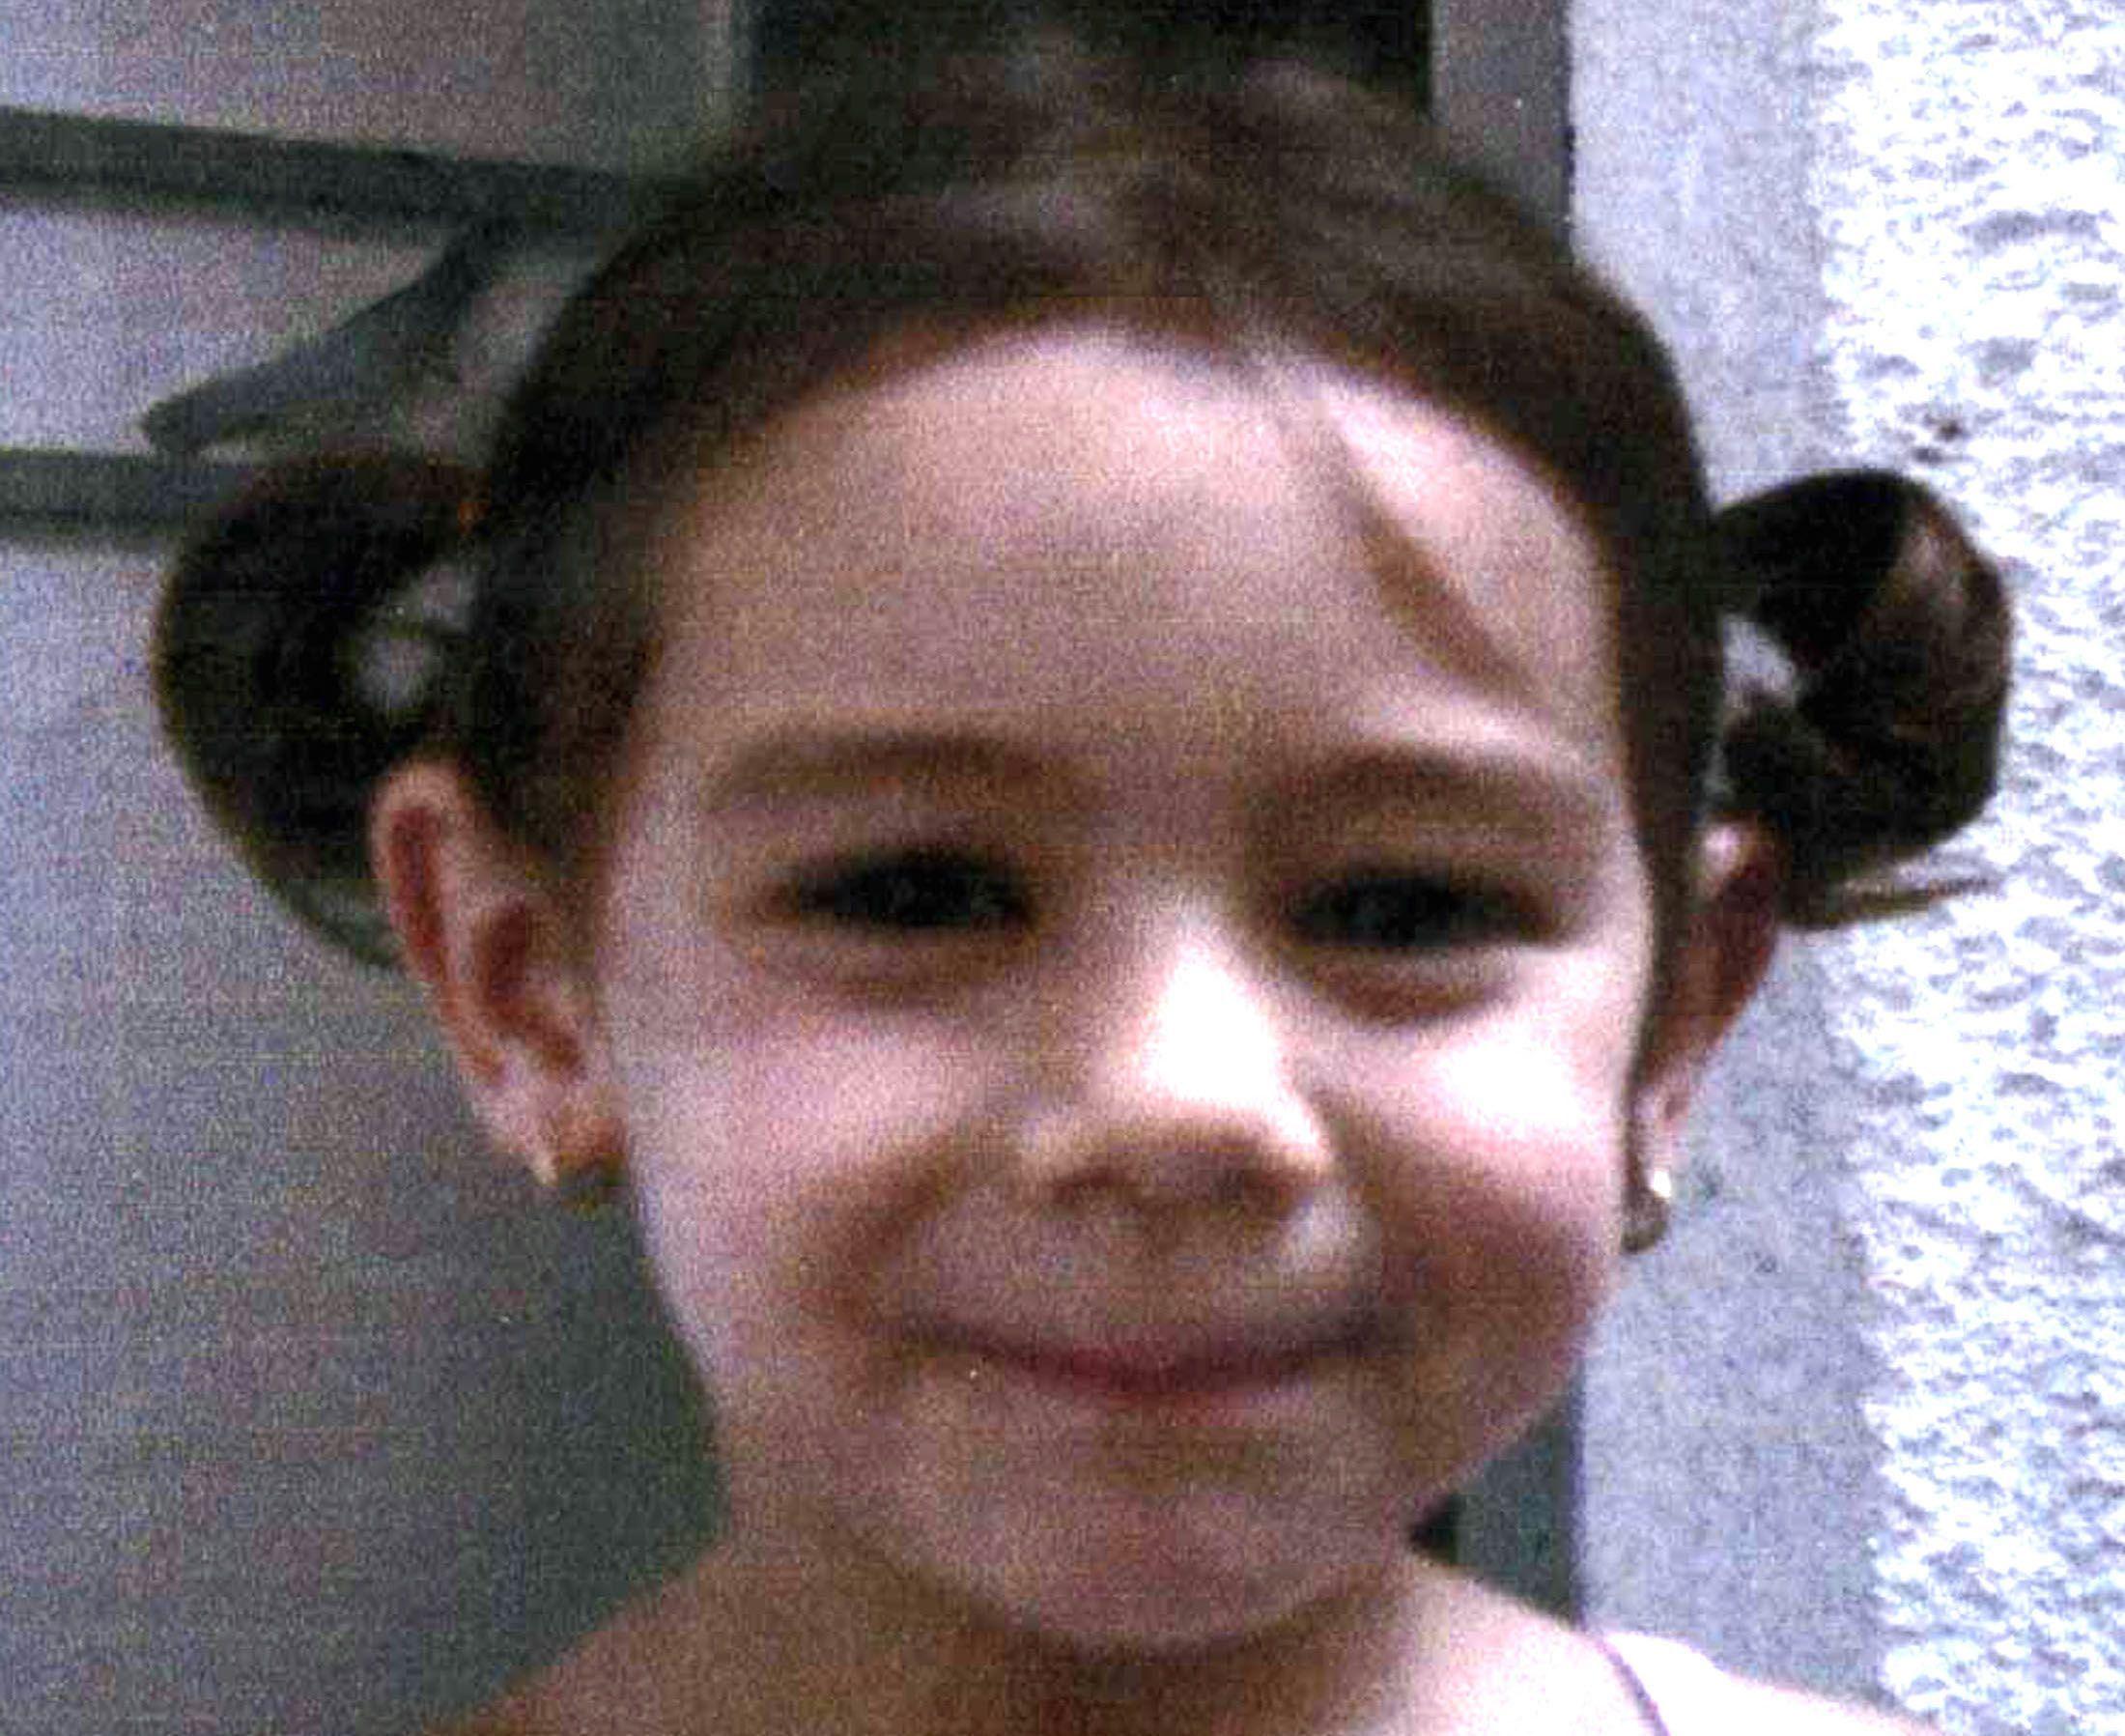 Scomparsa Denise Pipitone, tutta la storia della vicenda